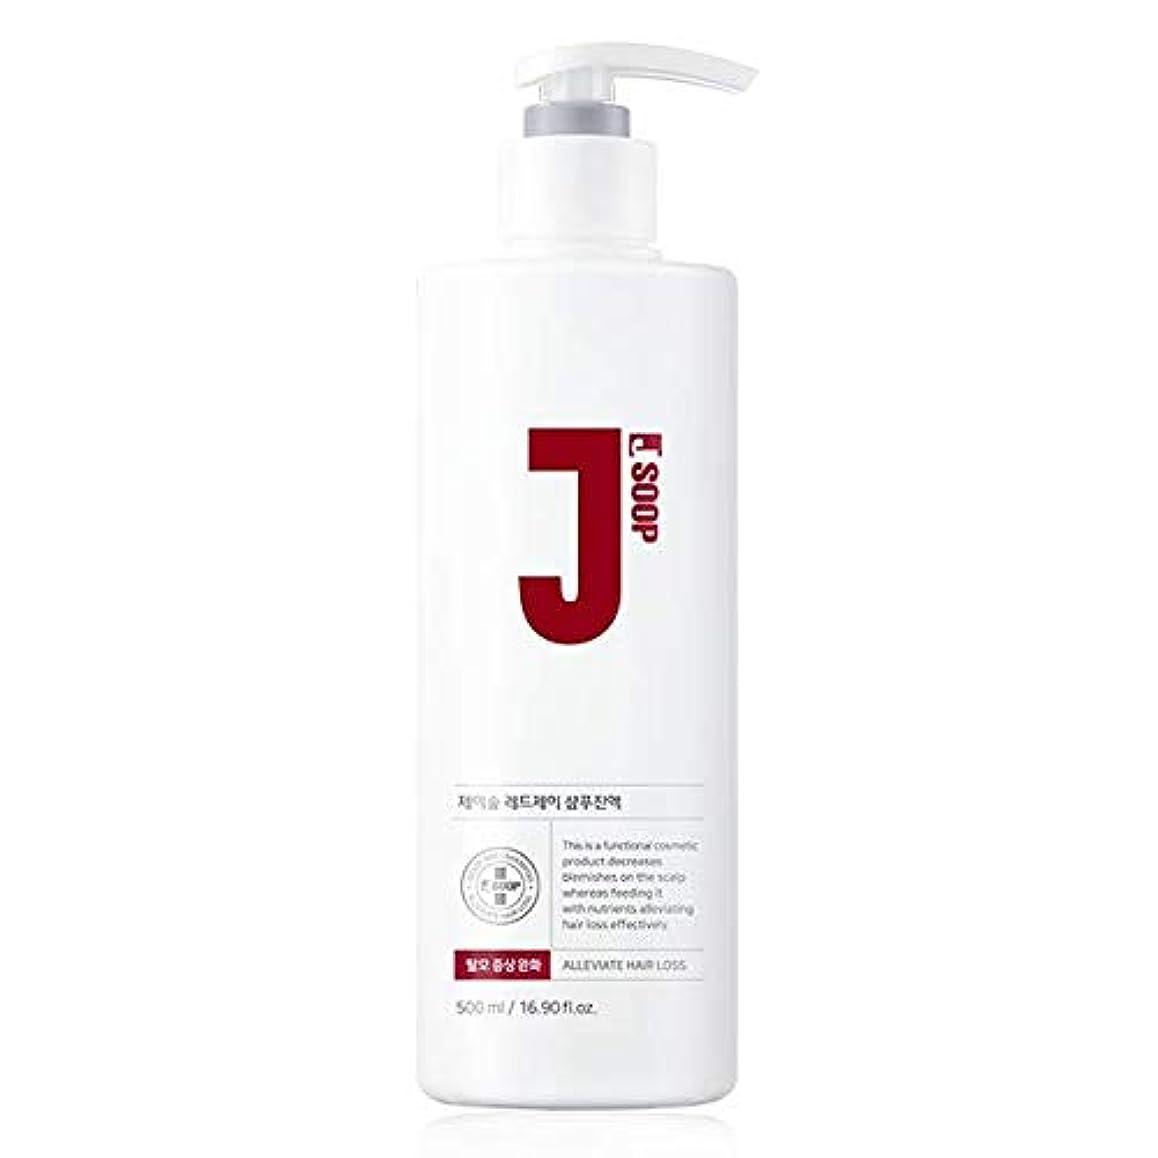 ベテランビザ緊張JSOOP レッドJ シャンプー / 抜け毛の悩みに / Red J Shampoo (500ml) [並行輸入品]